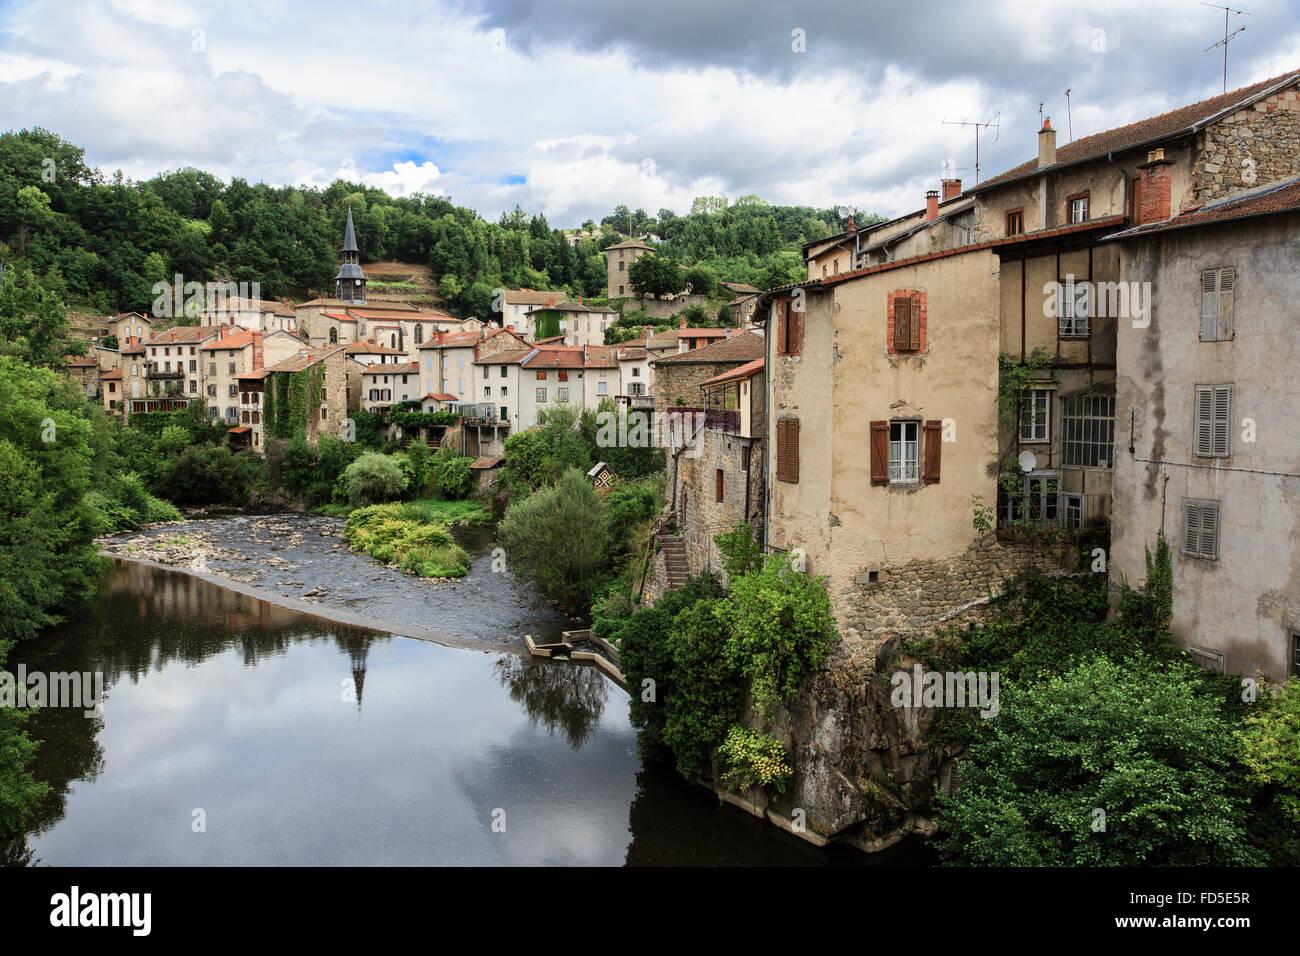 Olliergues on the River Dore, Puy-de-Dôme, Auvergne, France - Stock Image